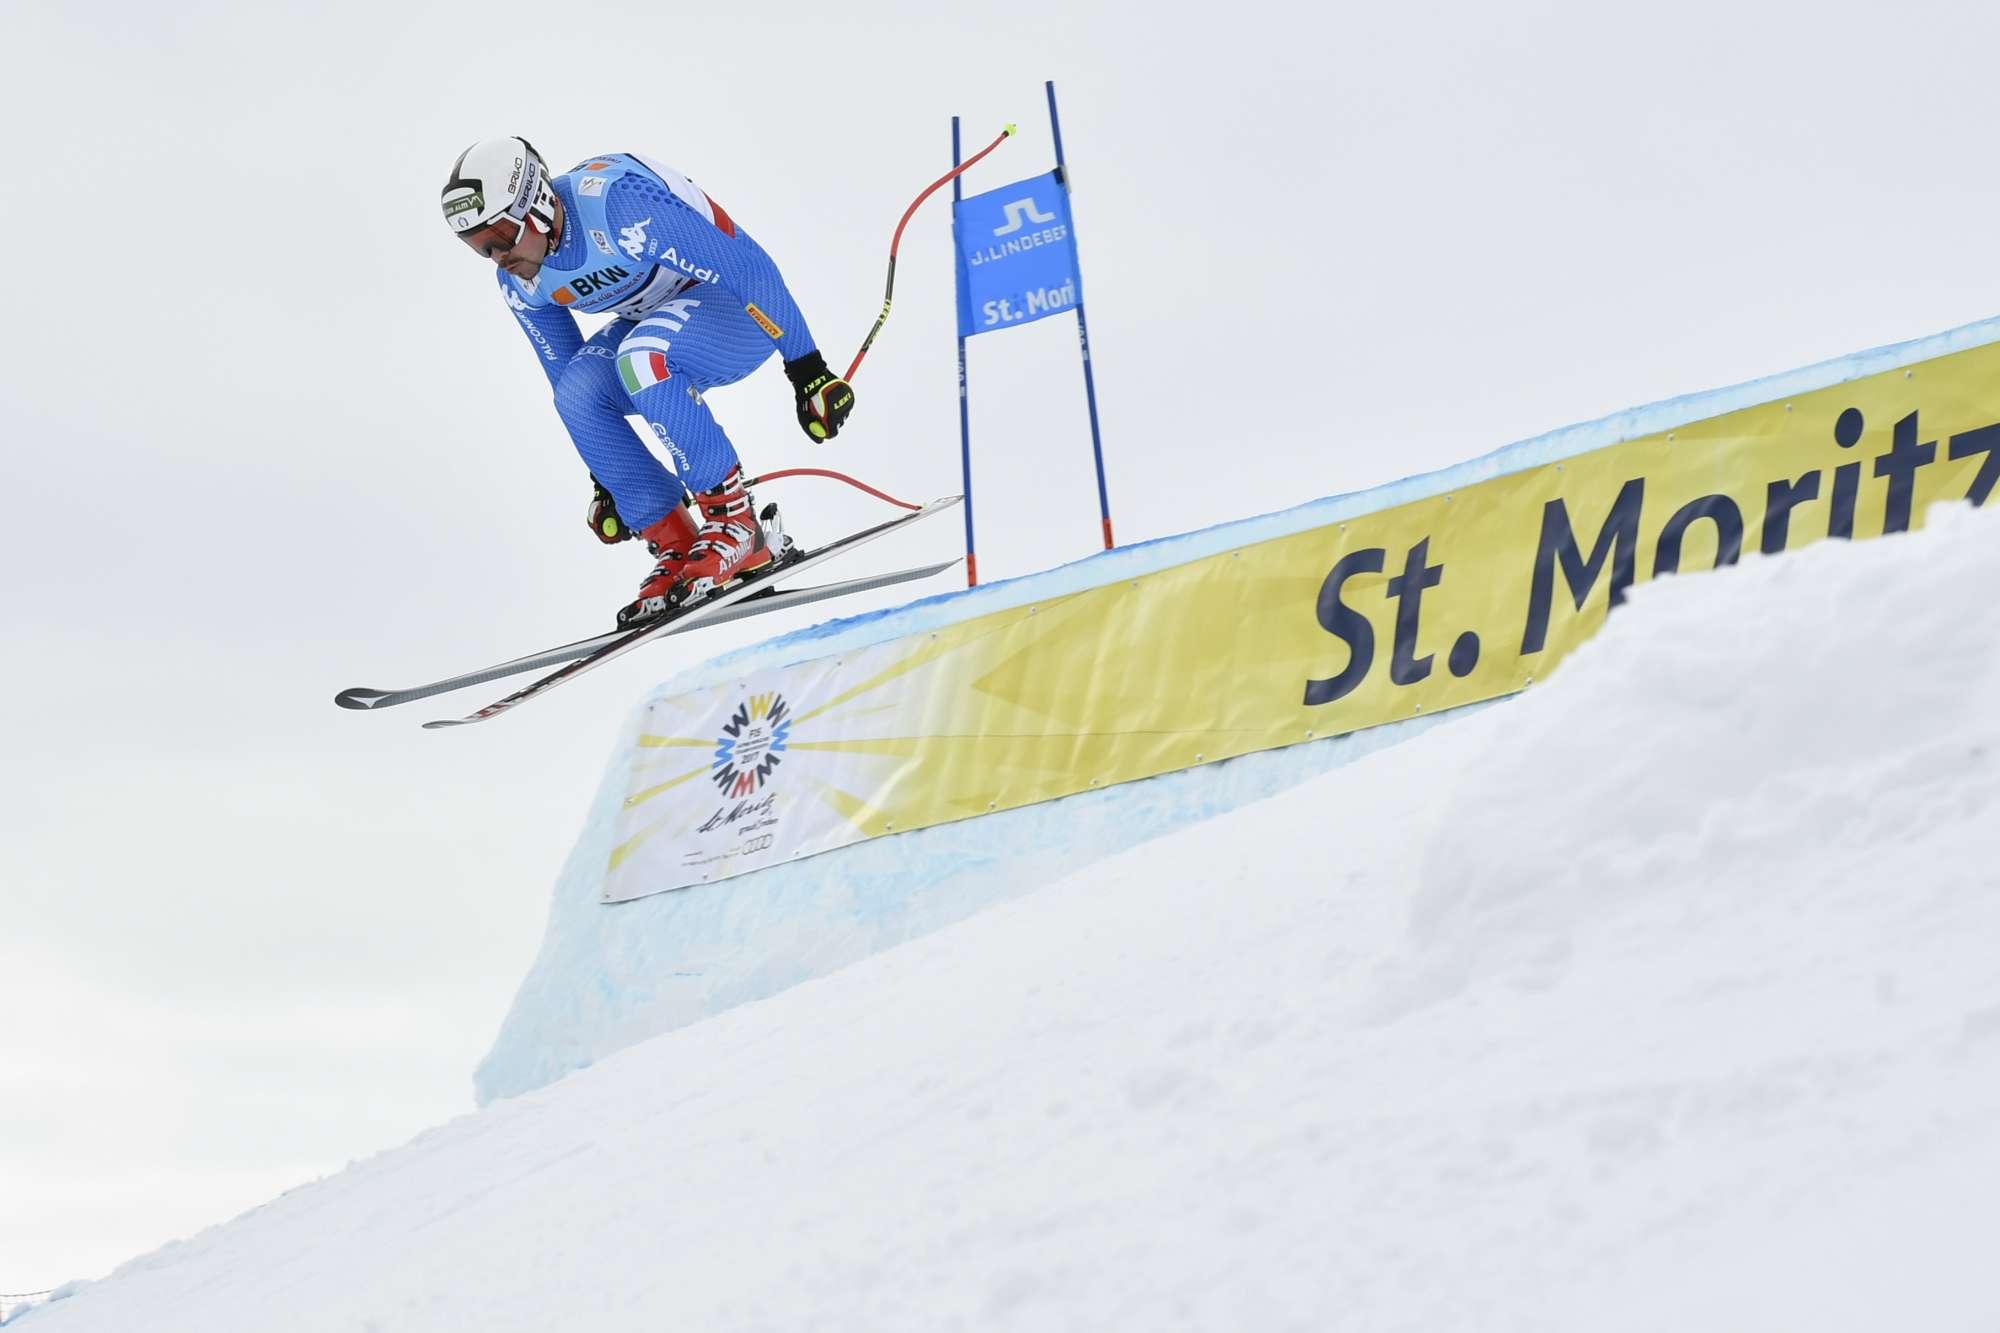 Nel Super G di St. Moritz, male gli azzurri Paris e Fill